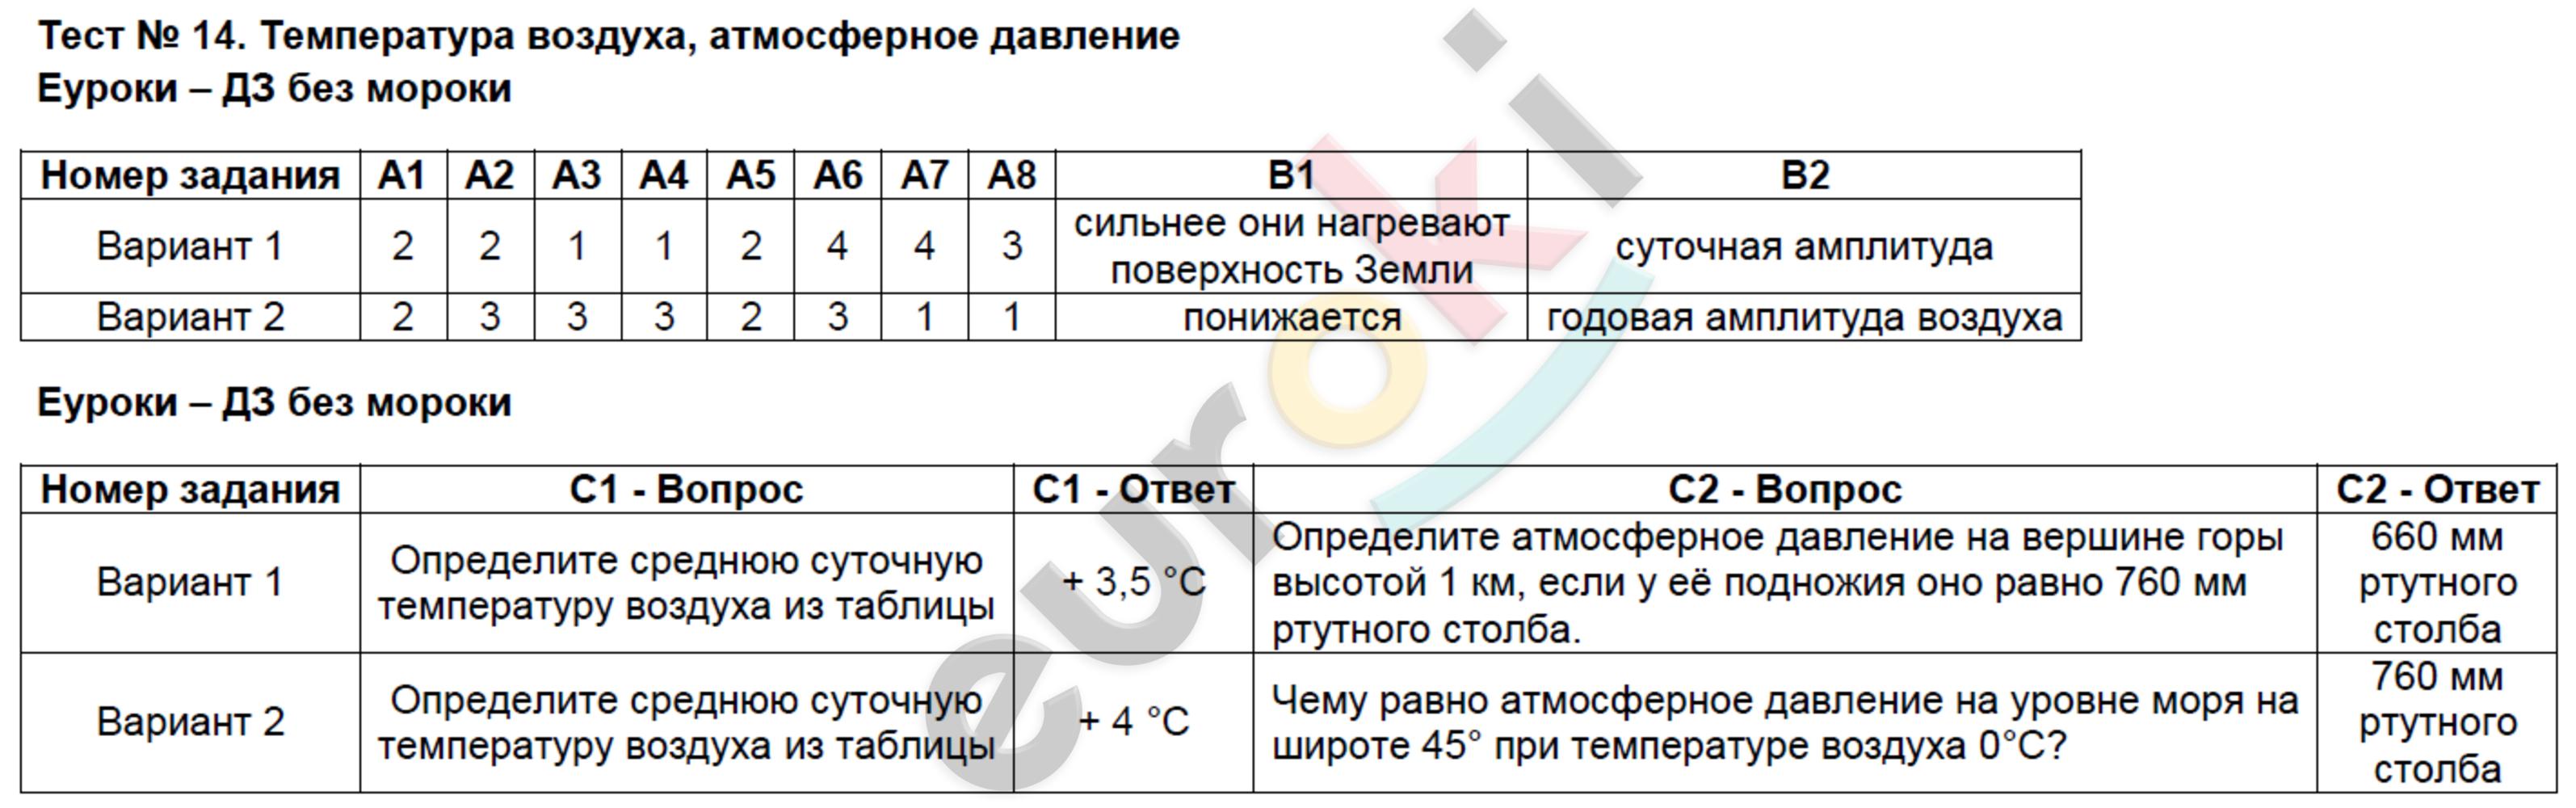 ГДЗ по географии 6 класс контрольно-измерительные материалы Жижина. Задание: Тест 14. Температура воздуха, атмосферное давление